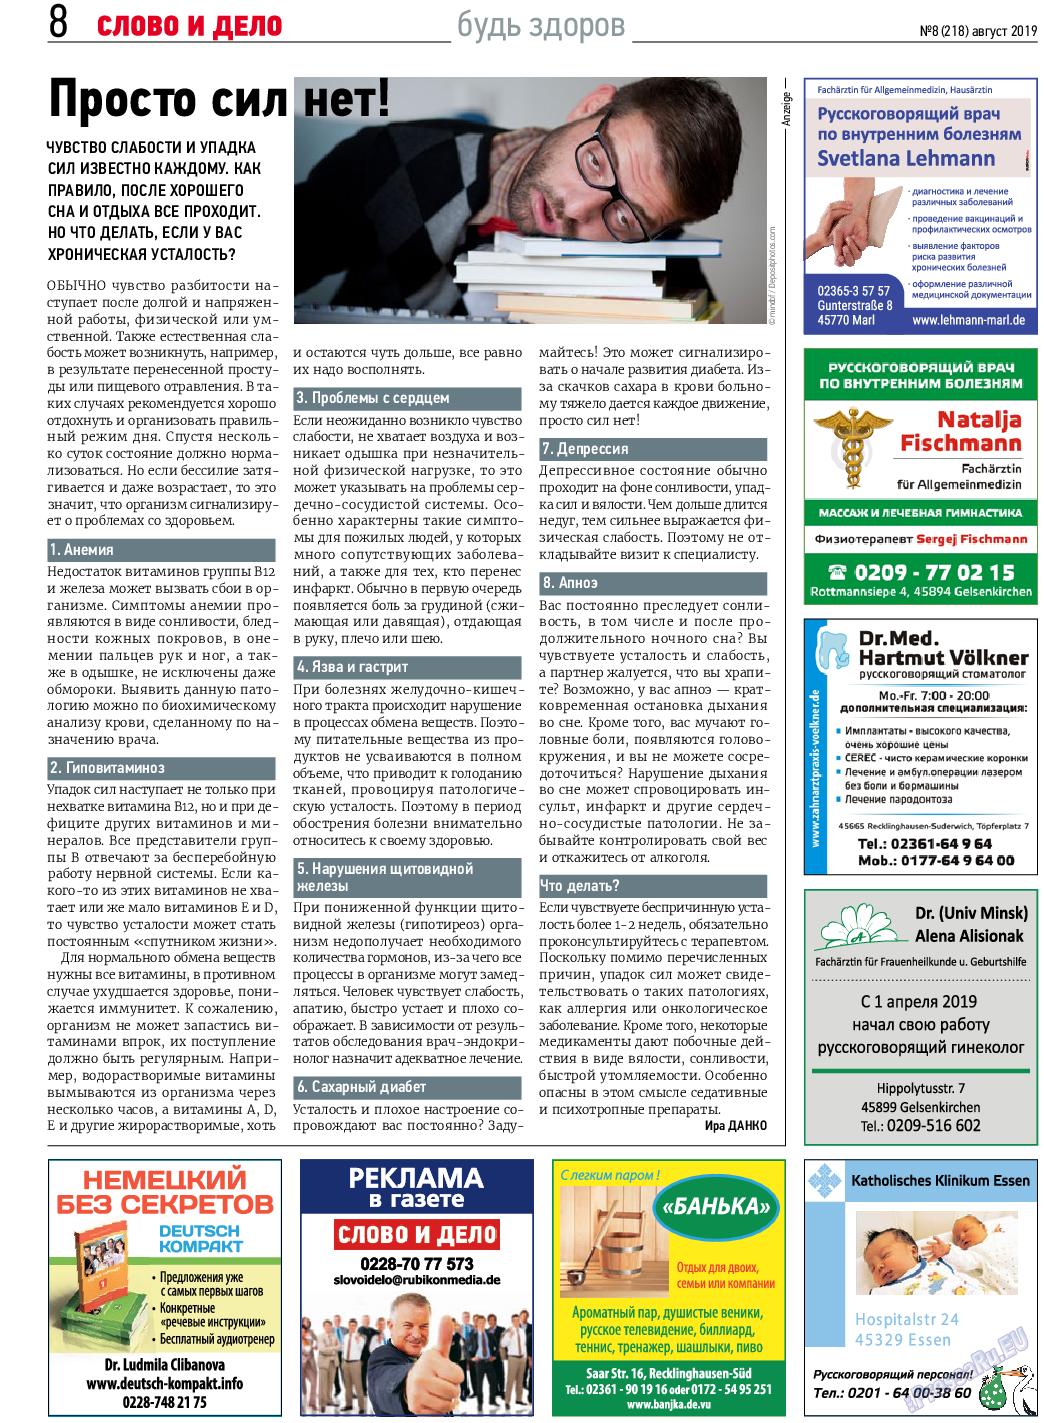 Слово и дело (газета). 2019 год, номер 8, стр. 8